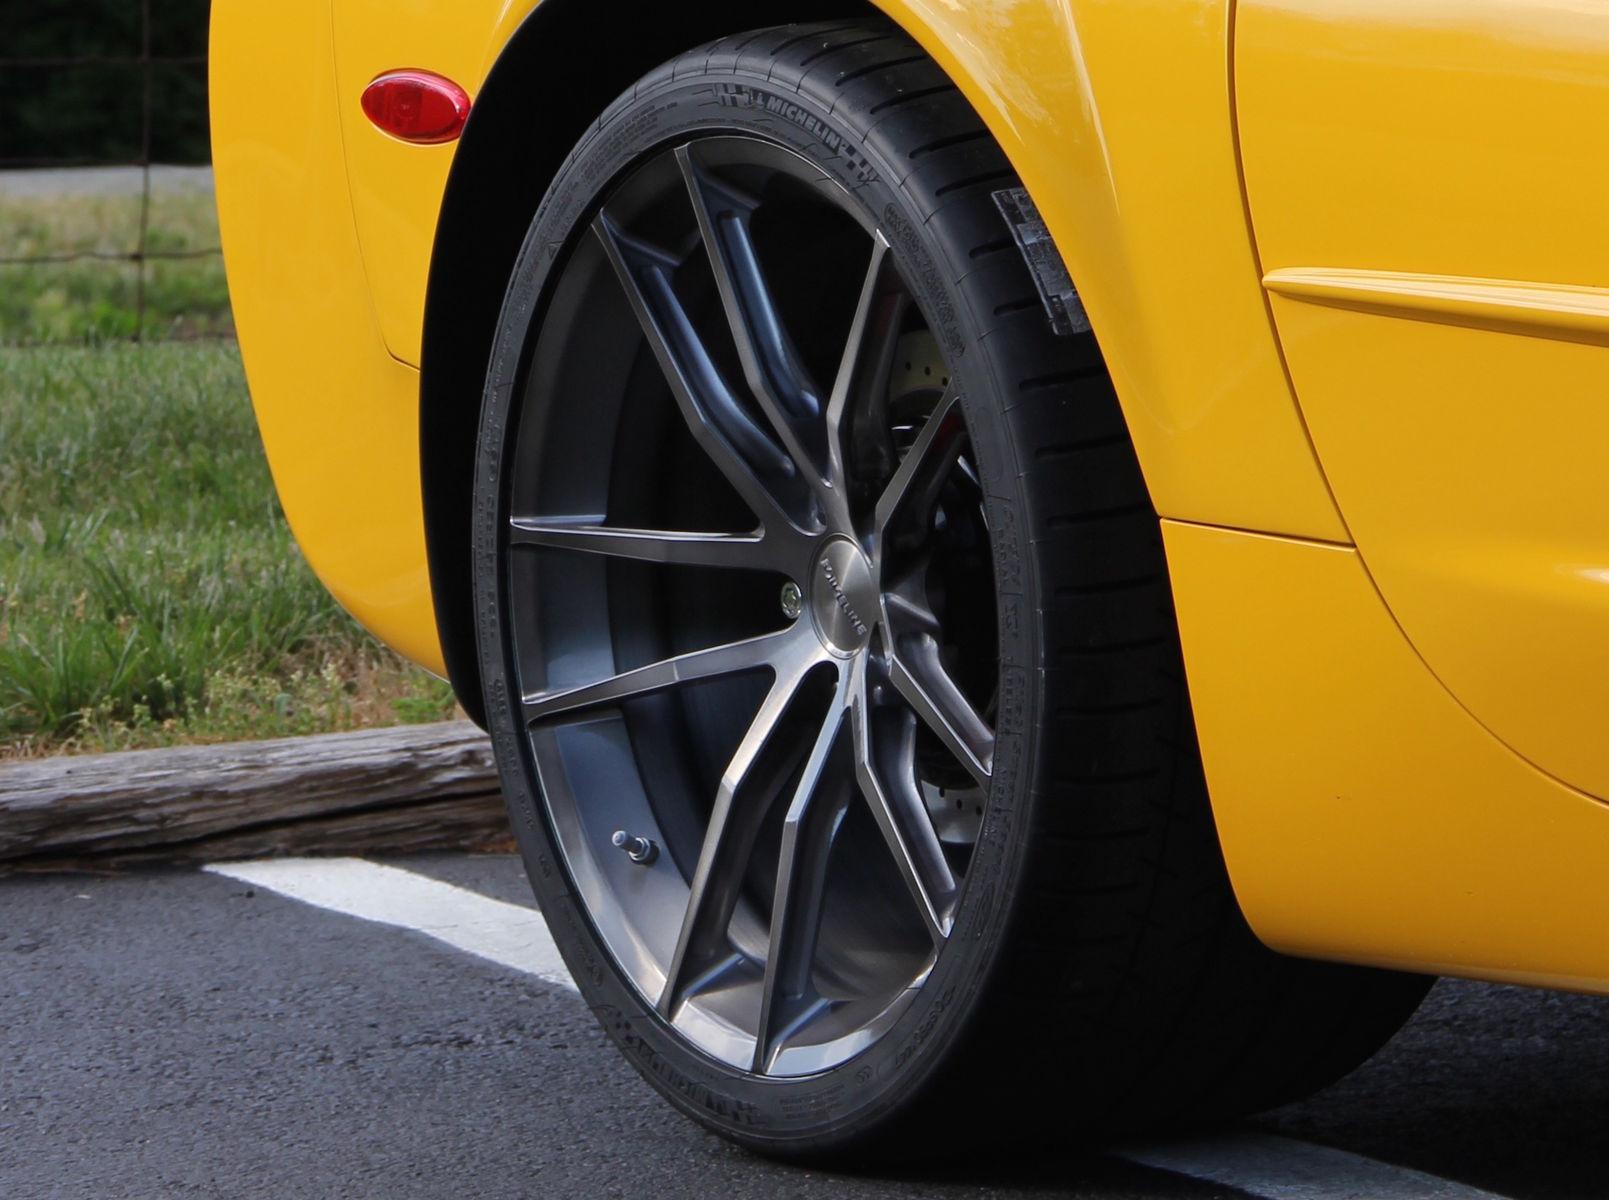 2004 Chevrolet Corvette | Jerry D's Supercharged C5 Corvette by Zip Corvette Parts on Forgeline One Piece Forged Monoblock AR1 Wheels